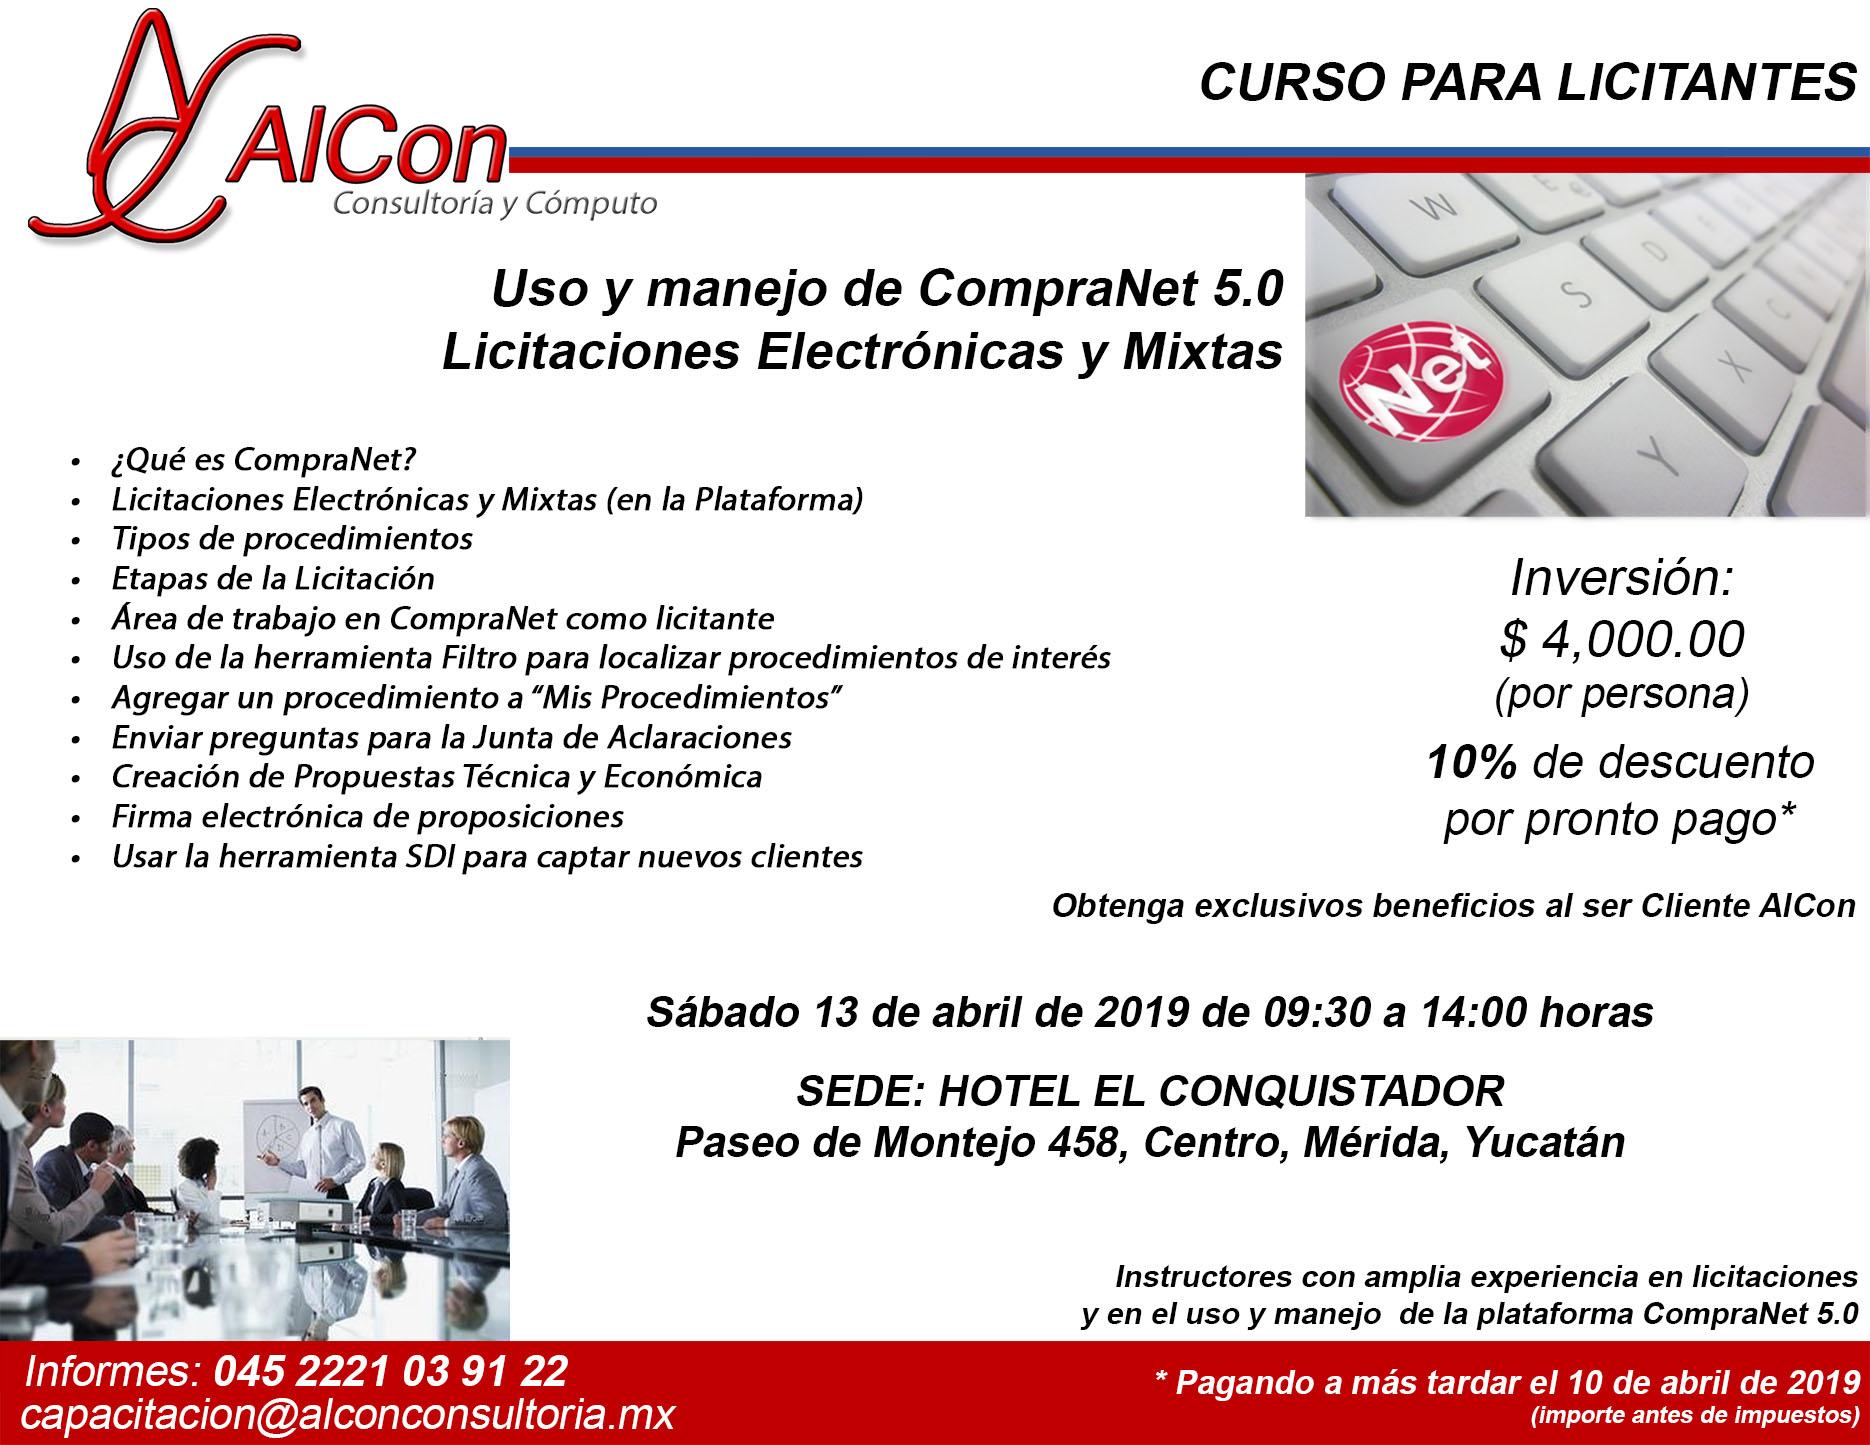 Curso CompraNet 5.0 Mérida, Yucatán AlCon Consultoría y Cómputo Arcadio Alonso Sánchez